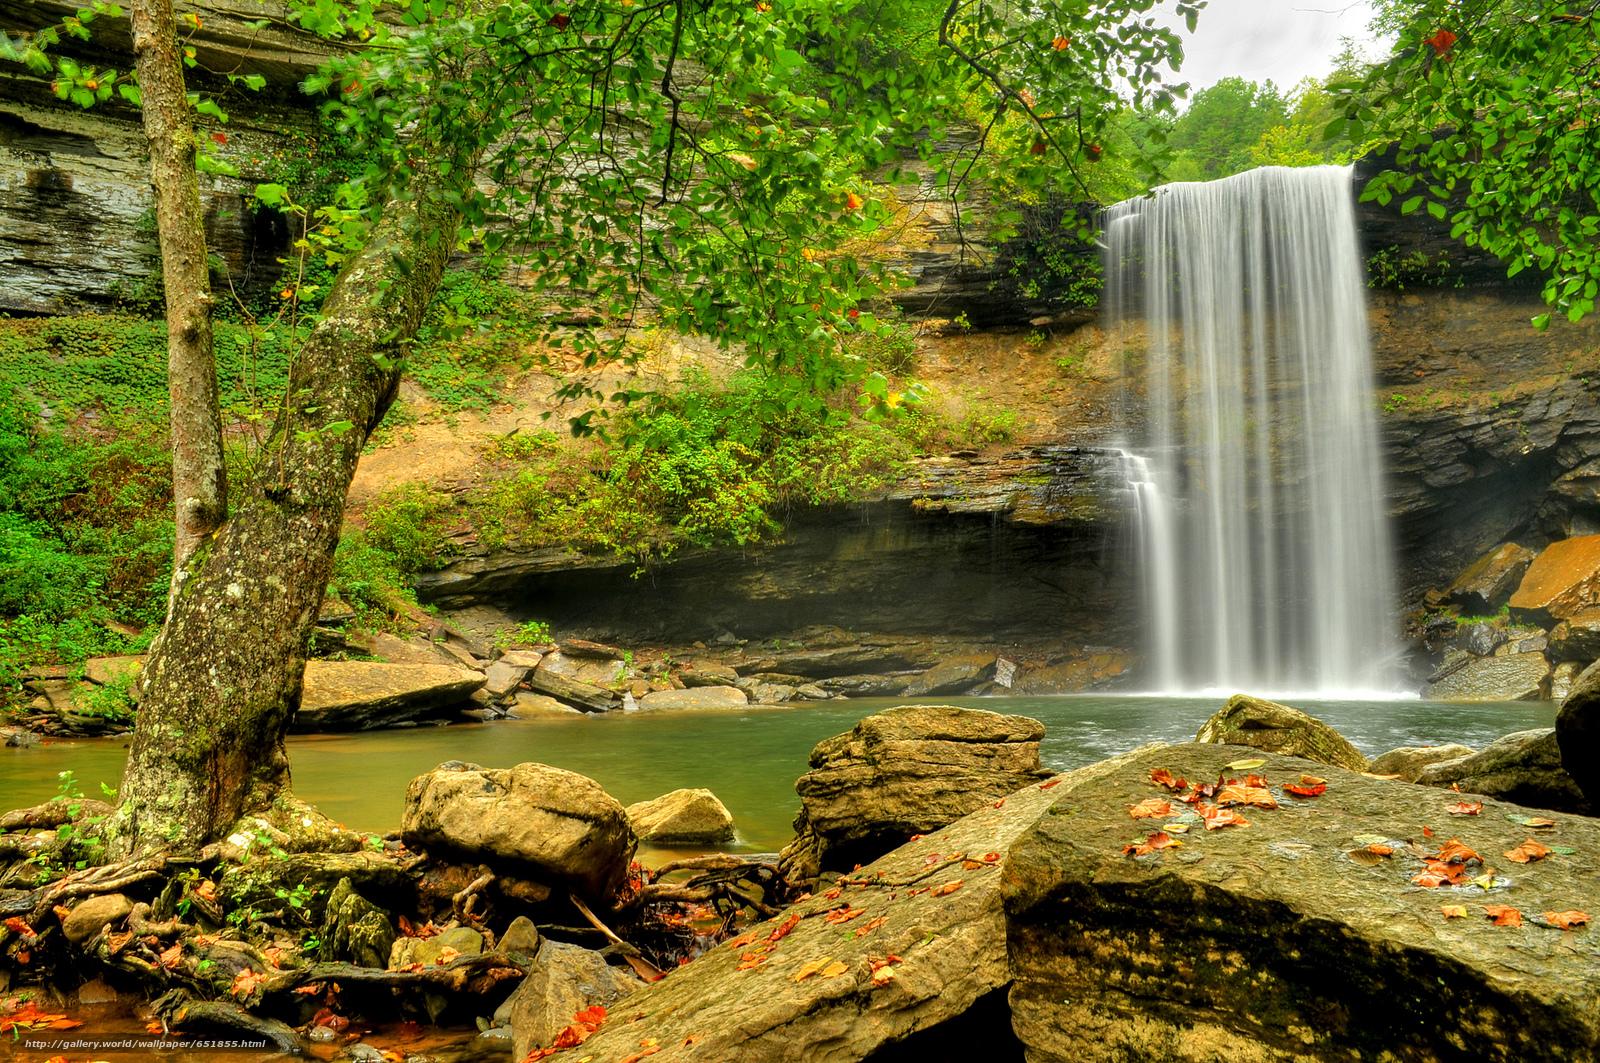 Download Hintergrund Wasserfall,  Rocks,  Fluss,  Wald Freie desktop Tapeten in der Auflosung 2048x1360 — bild №651855